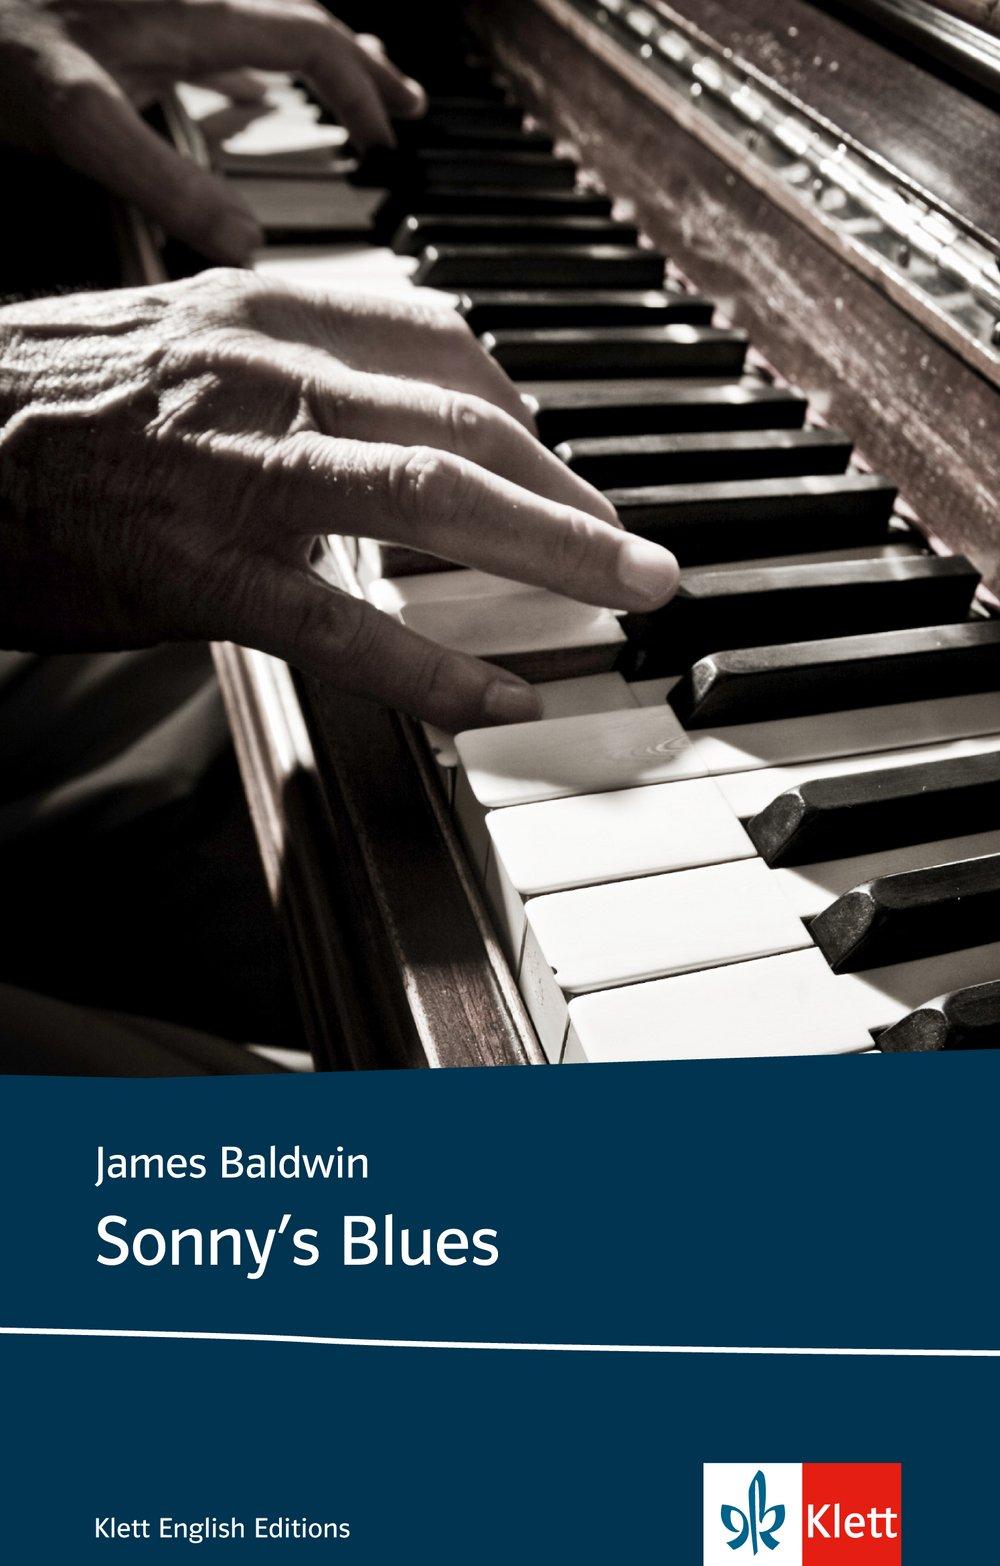 Sonny's Blues: Schulausgabe für das Niveau B2, ab dem 6. Lernjahr. Ungekürzter englischer Originaltext mit Annotationen (Klett English Editions)